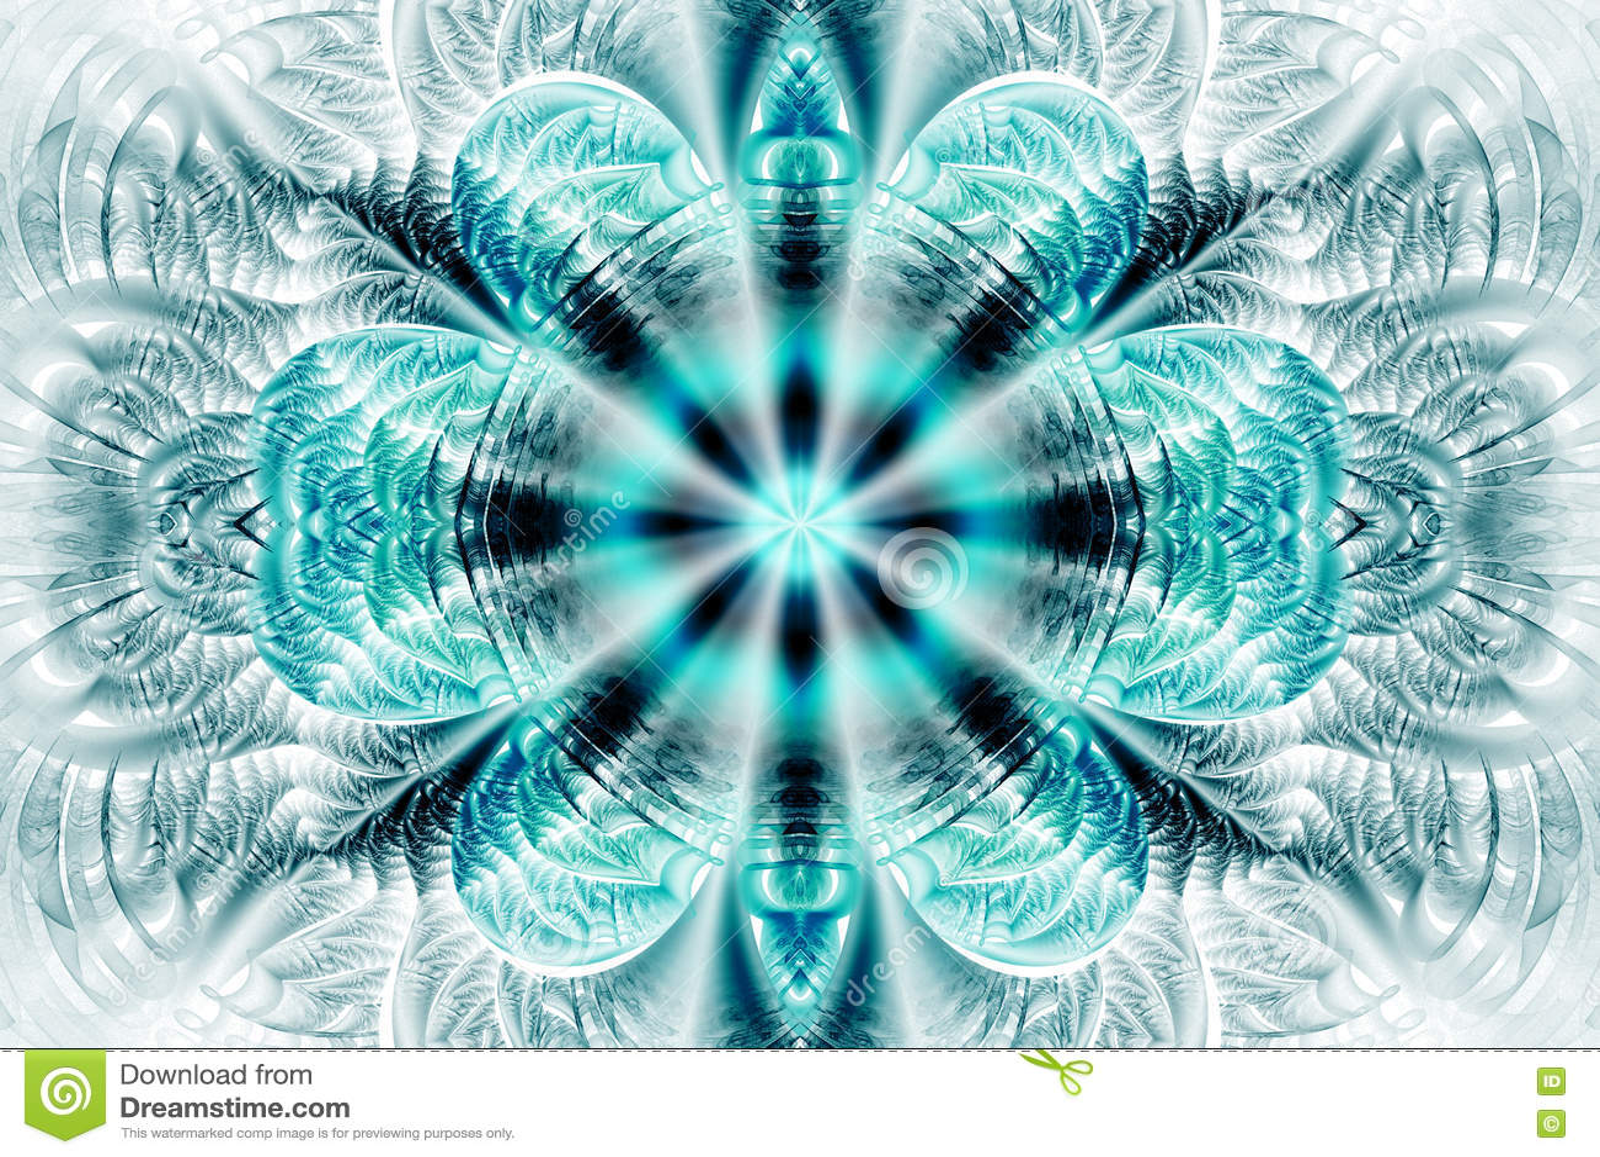 e946c1cf6 Abstract Flower Mandala On White Background. Stock Photo - Image of ...